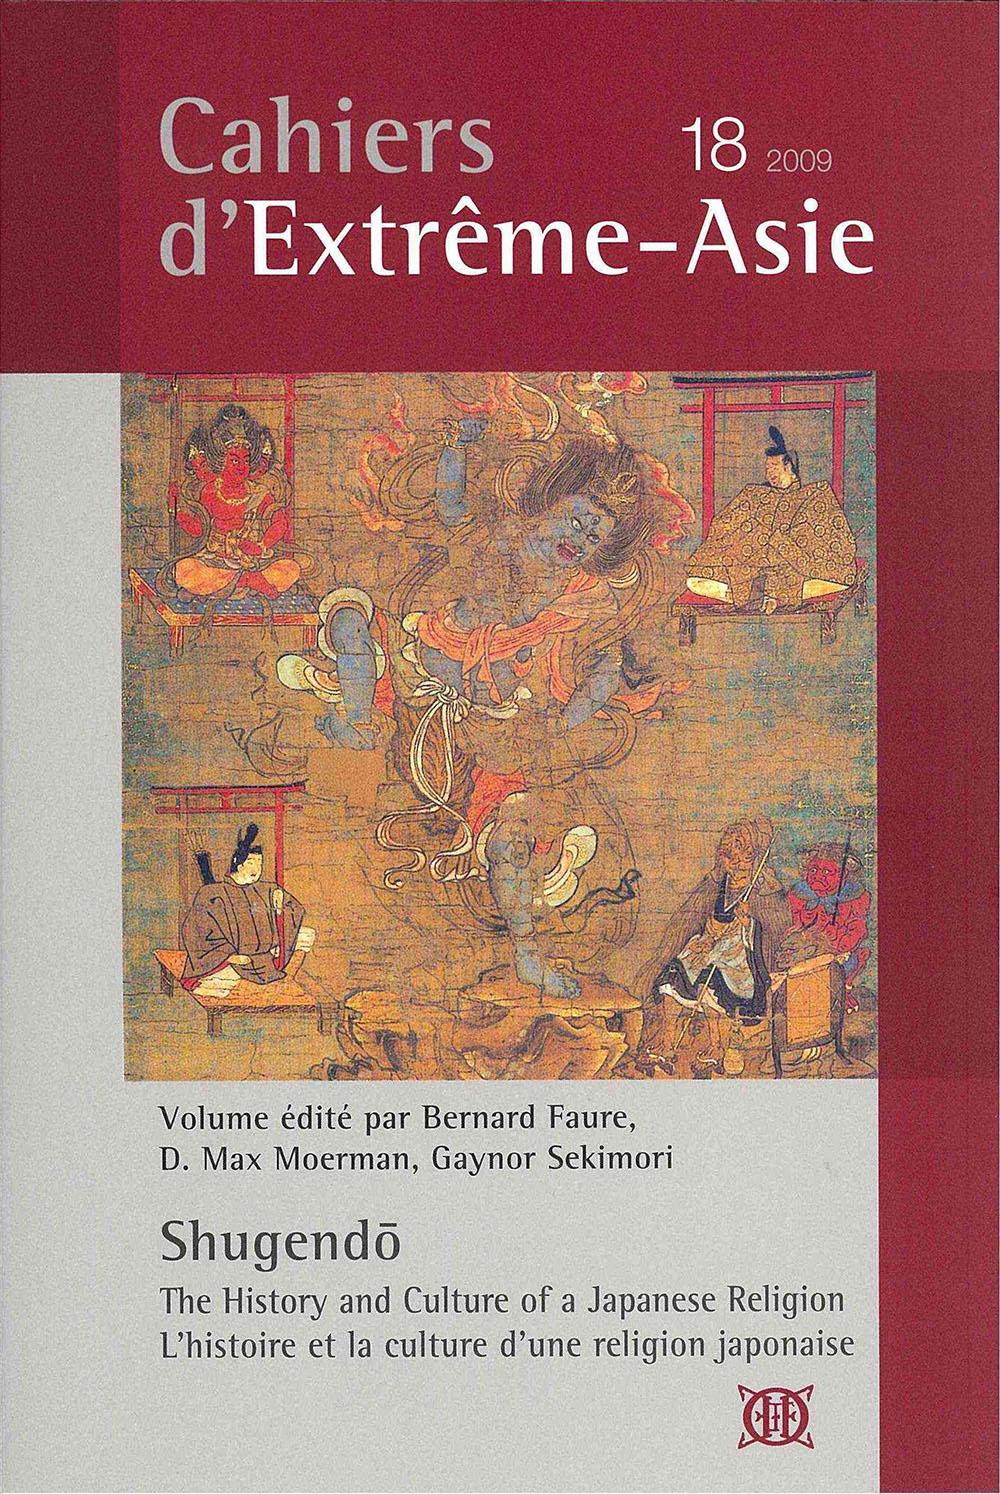 Cahiers d'Extrême-Asie 18 (2009)